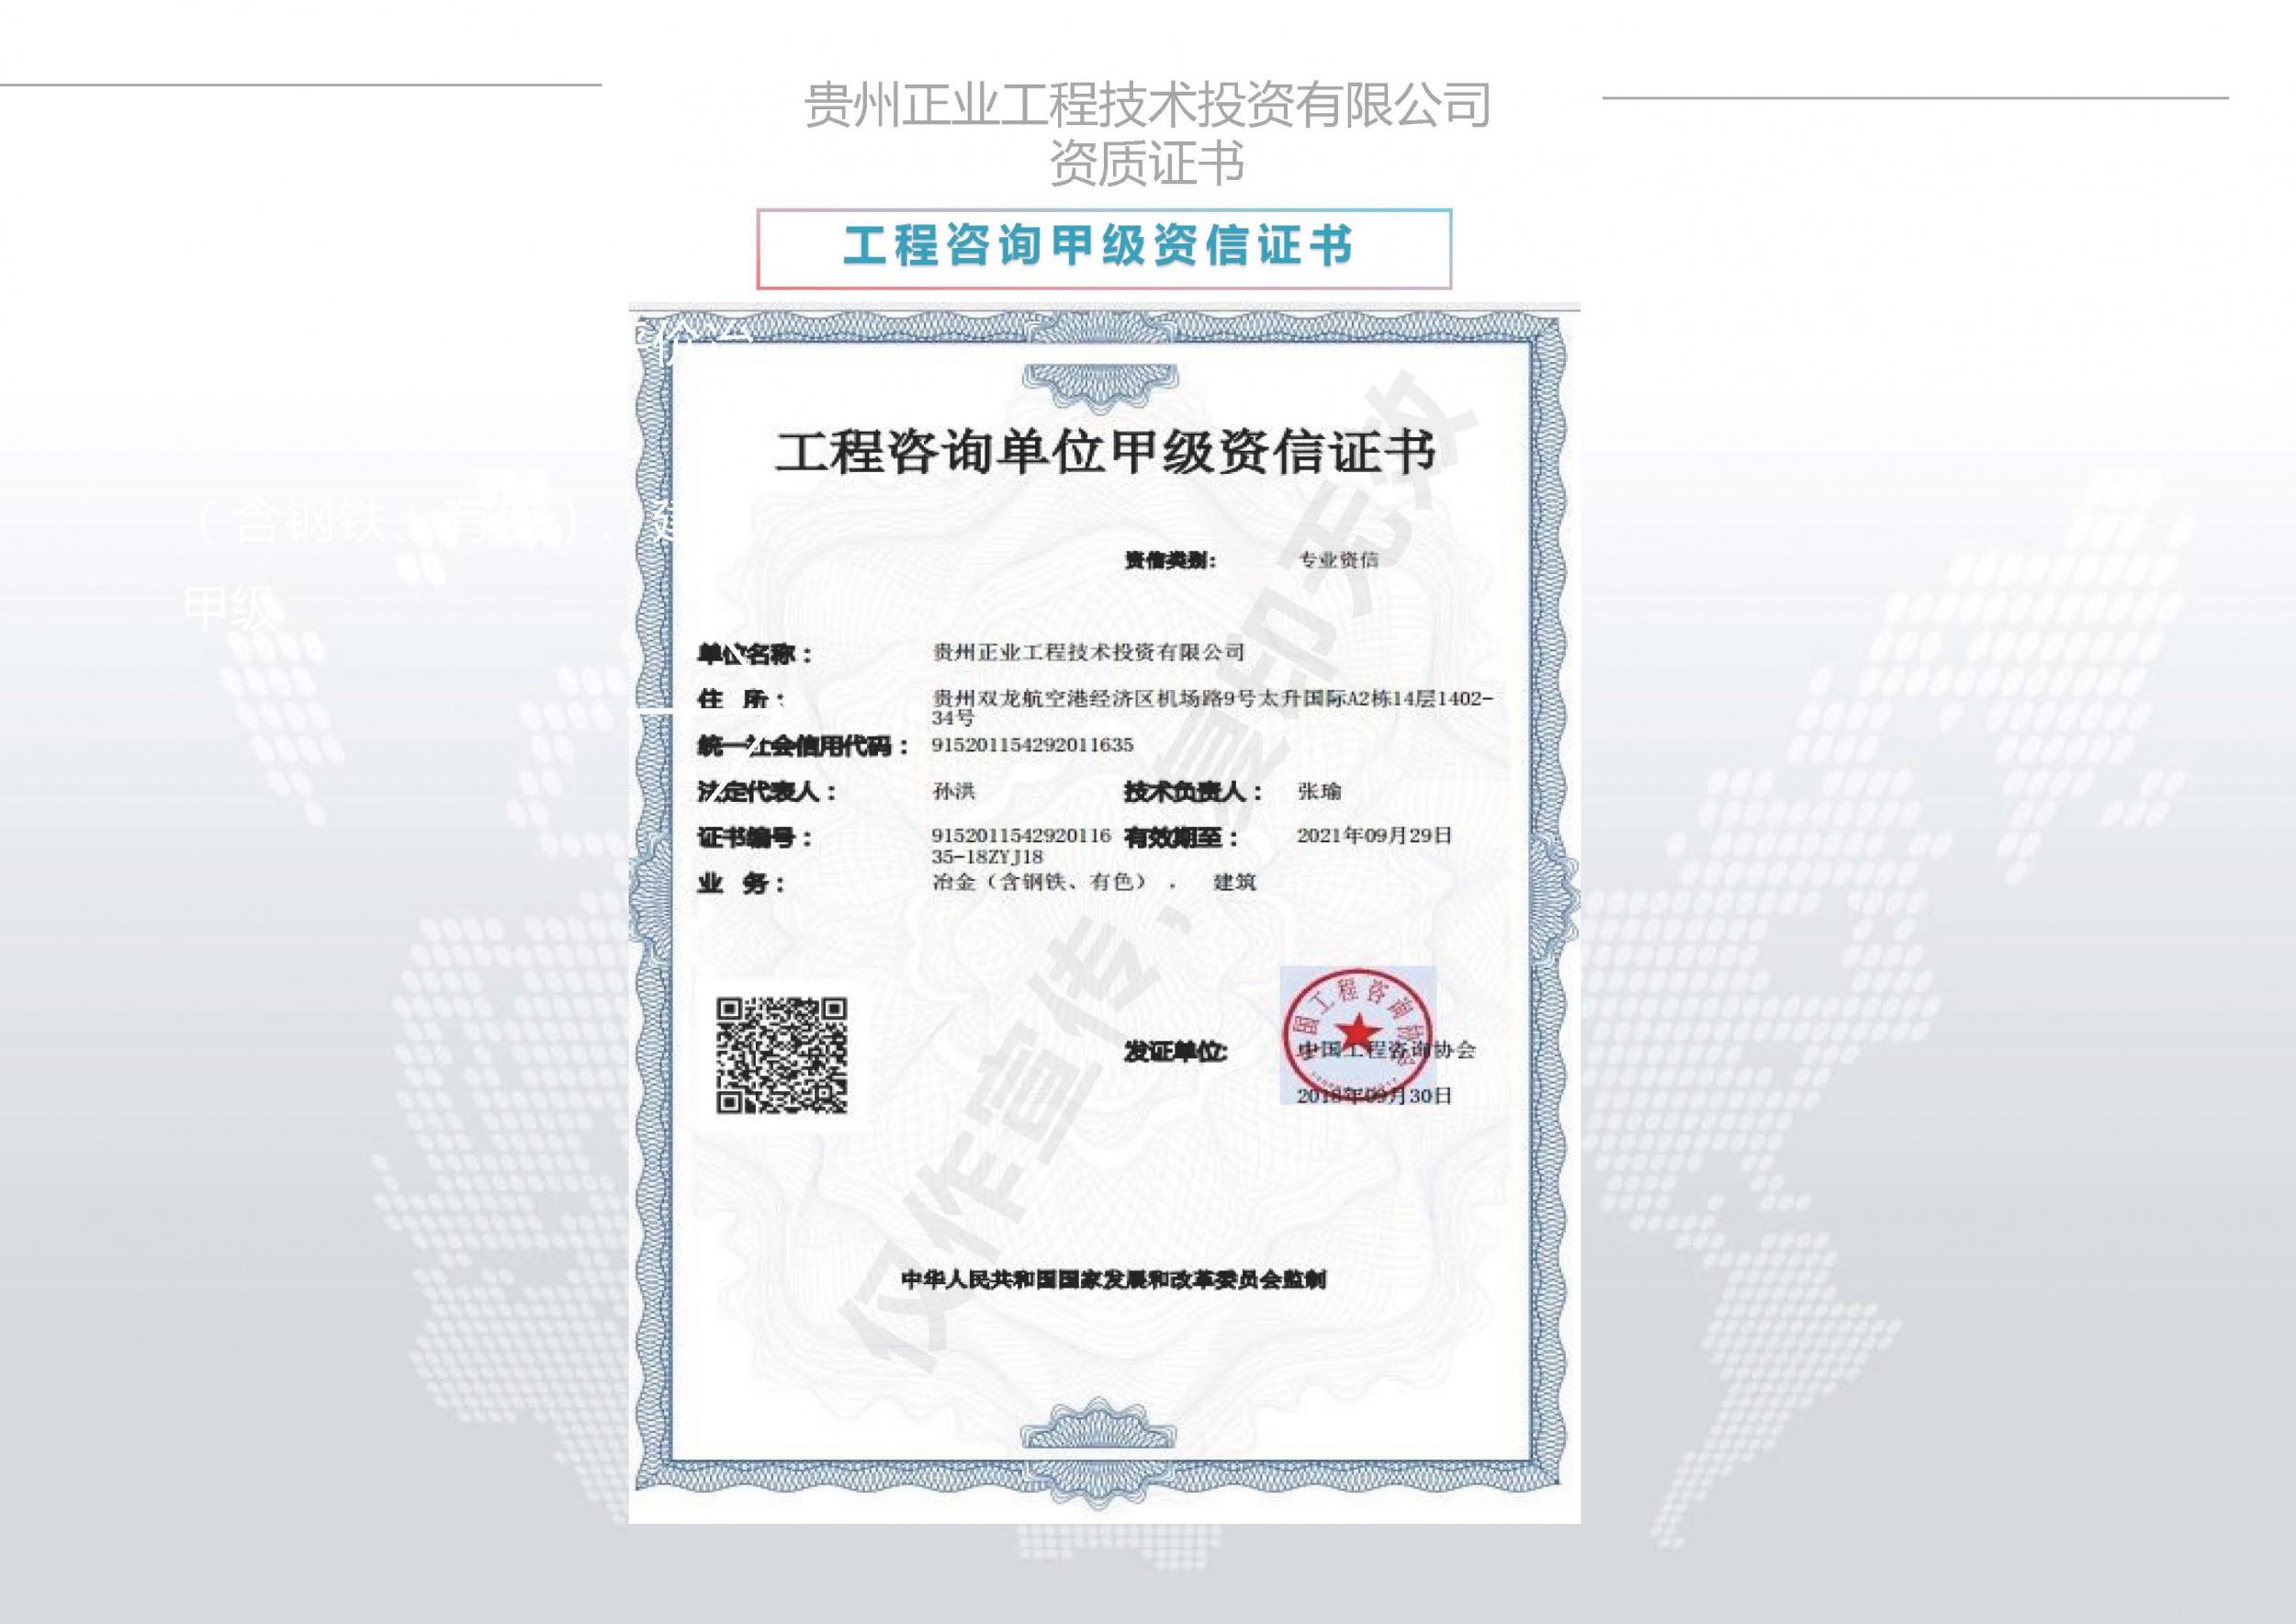 工程咨詢單位資信證書冶金(含鋼鐵、有色)、建筑甲級